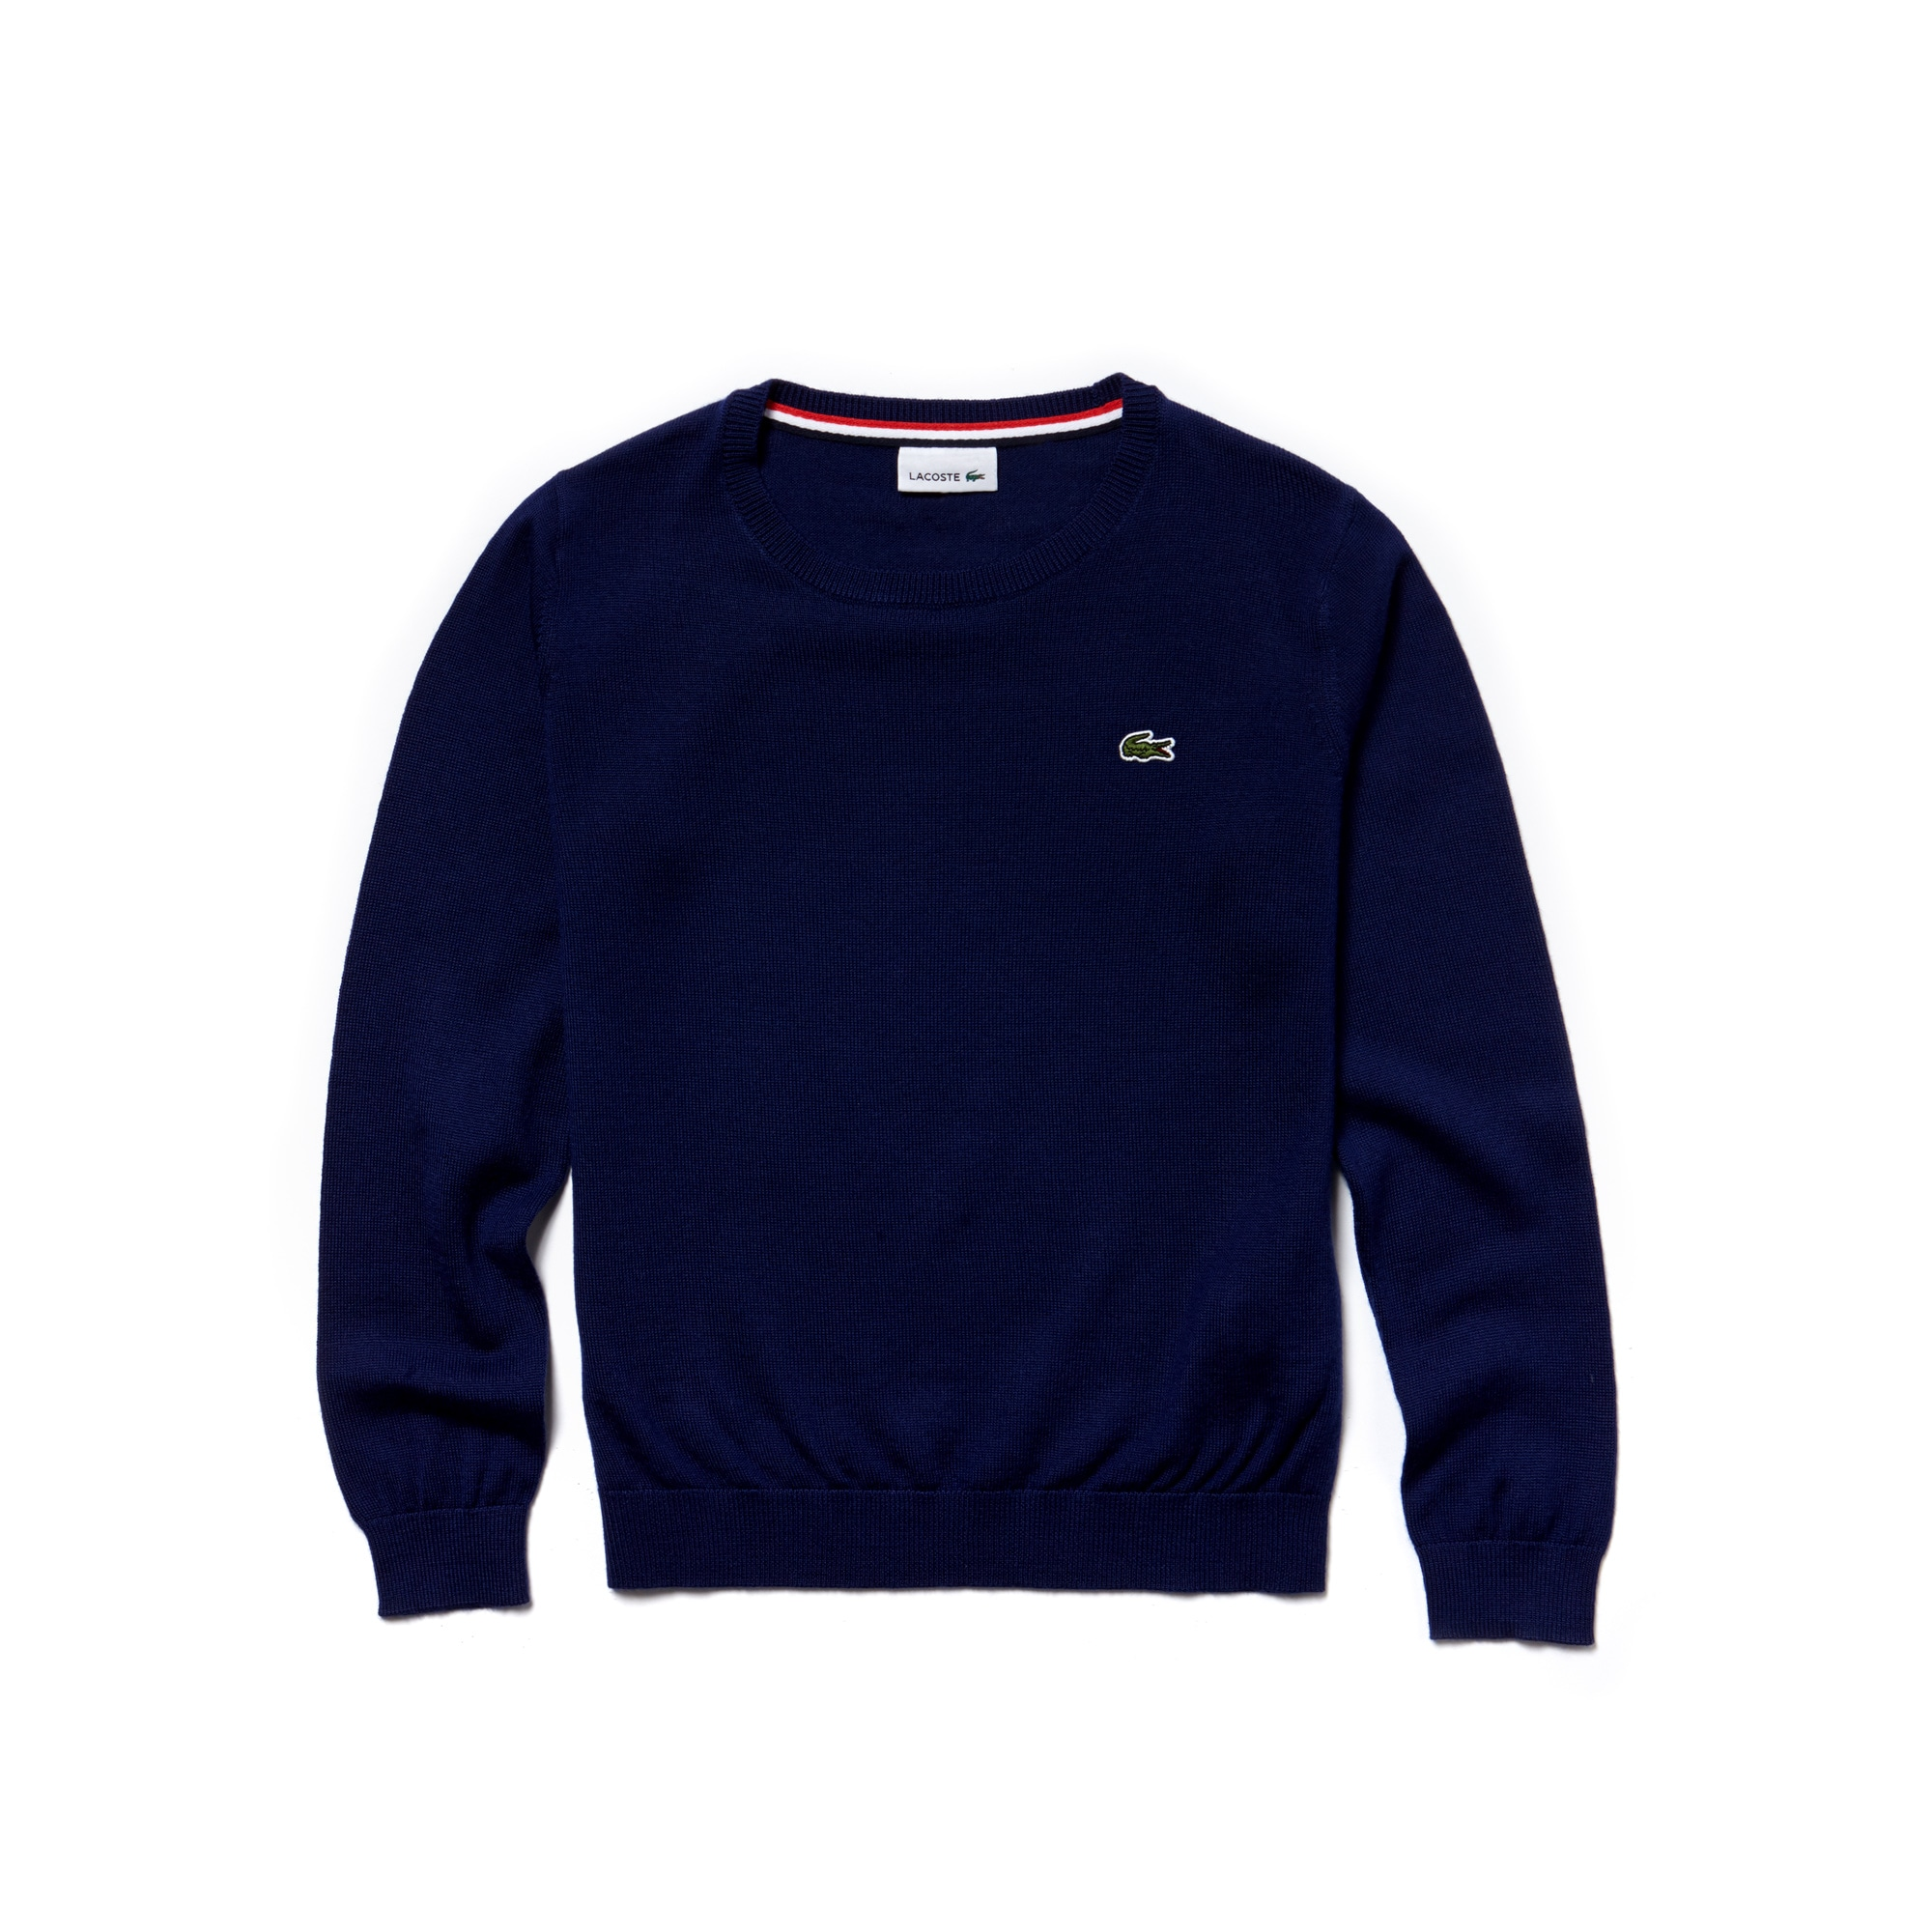 Pull col rond Garçon en jersey de laine mélangée uni